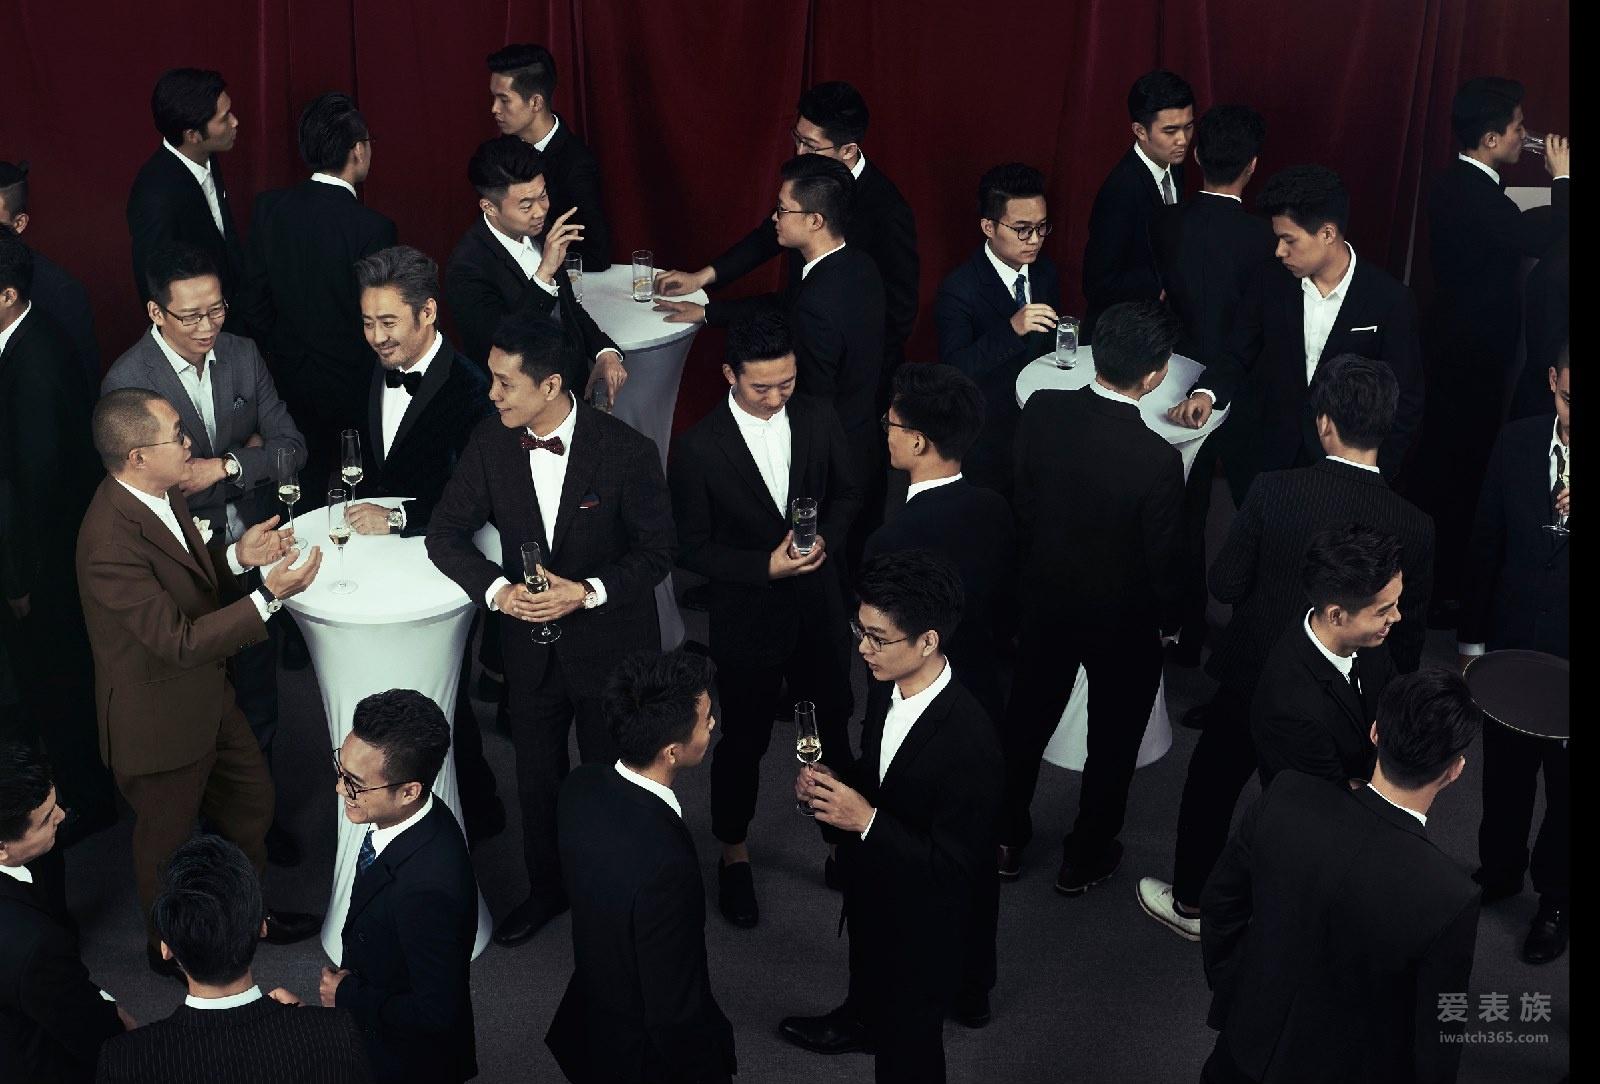 宝珀Blancpain携手品牌大使暨挚友发布年度主题,致敬浮世之中的坚持